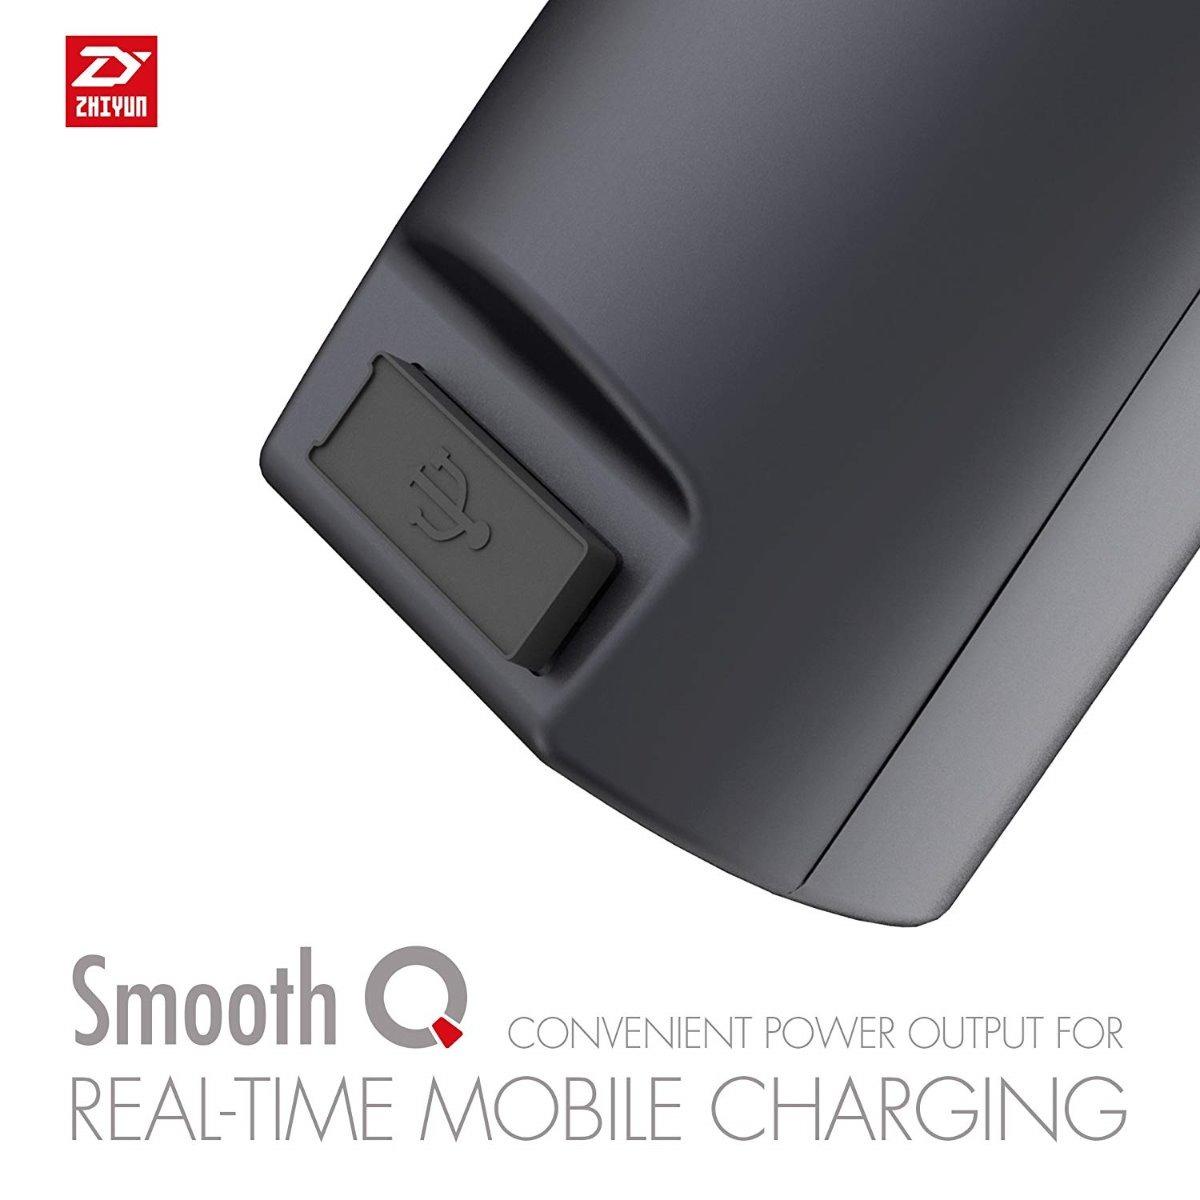 zhiyun smooth q ファームウェア